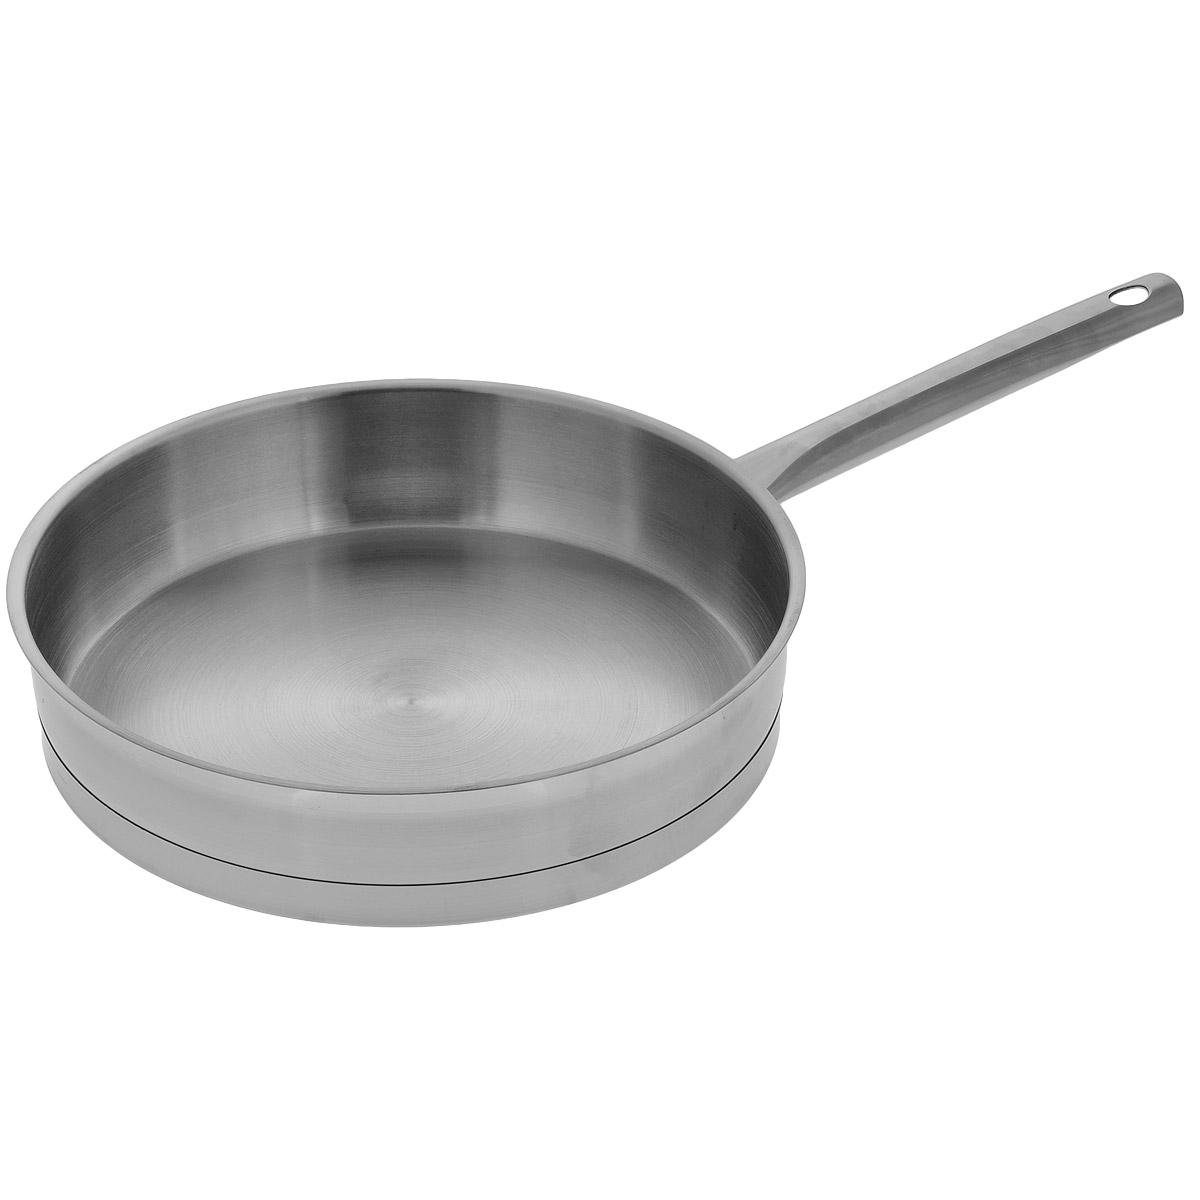 Сковорода 12AU44026-MA, Нержавеющая сталь